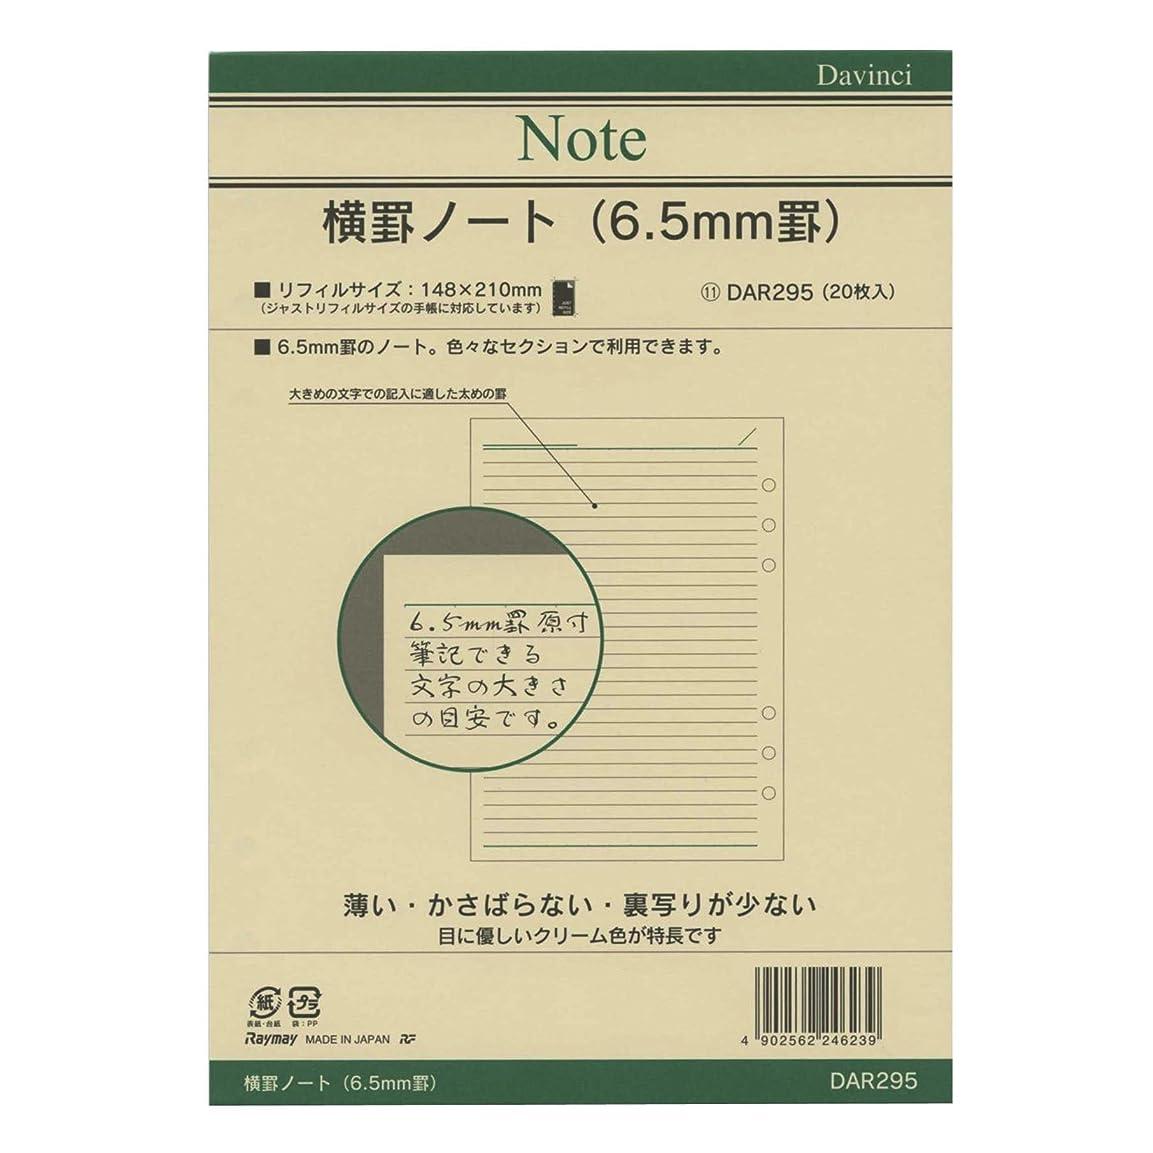 スイエクスタシー魂レイメイ藤井 ダヴィンチ リフィル ノート 6.5mm横罫 A5サイズ DAR295